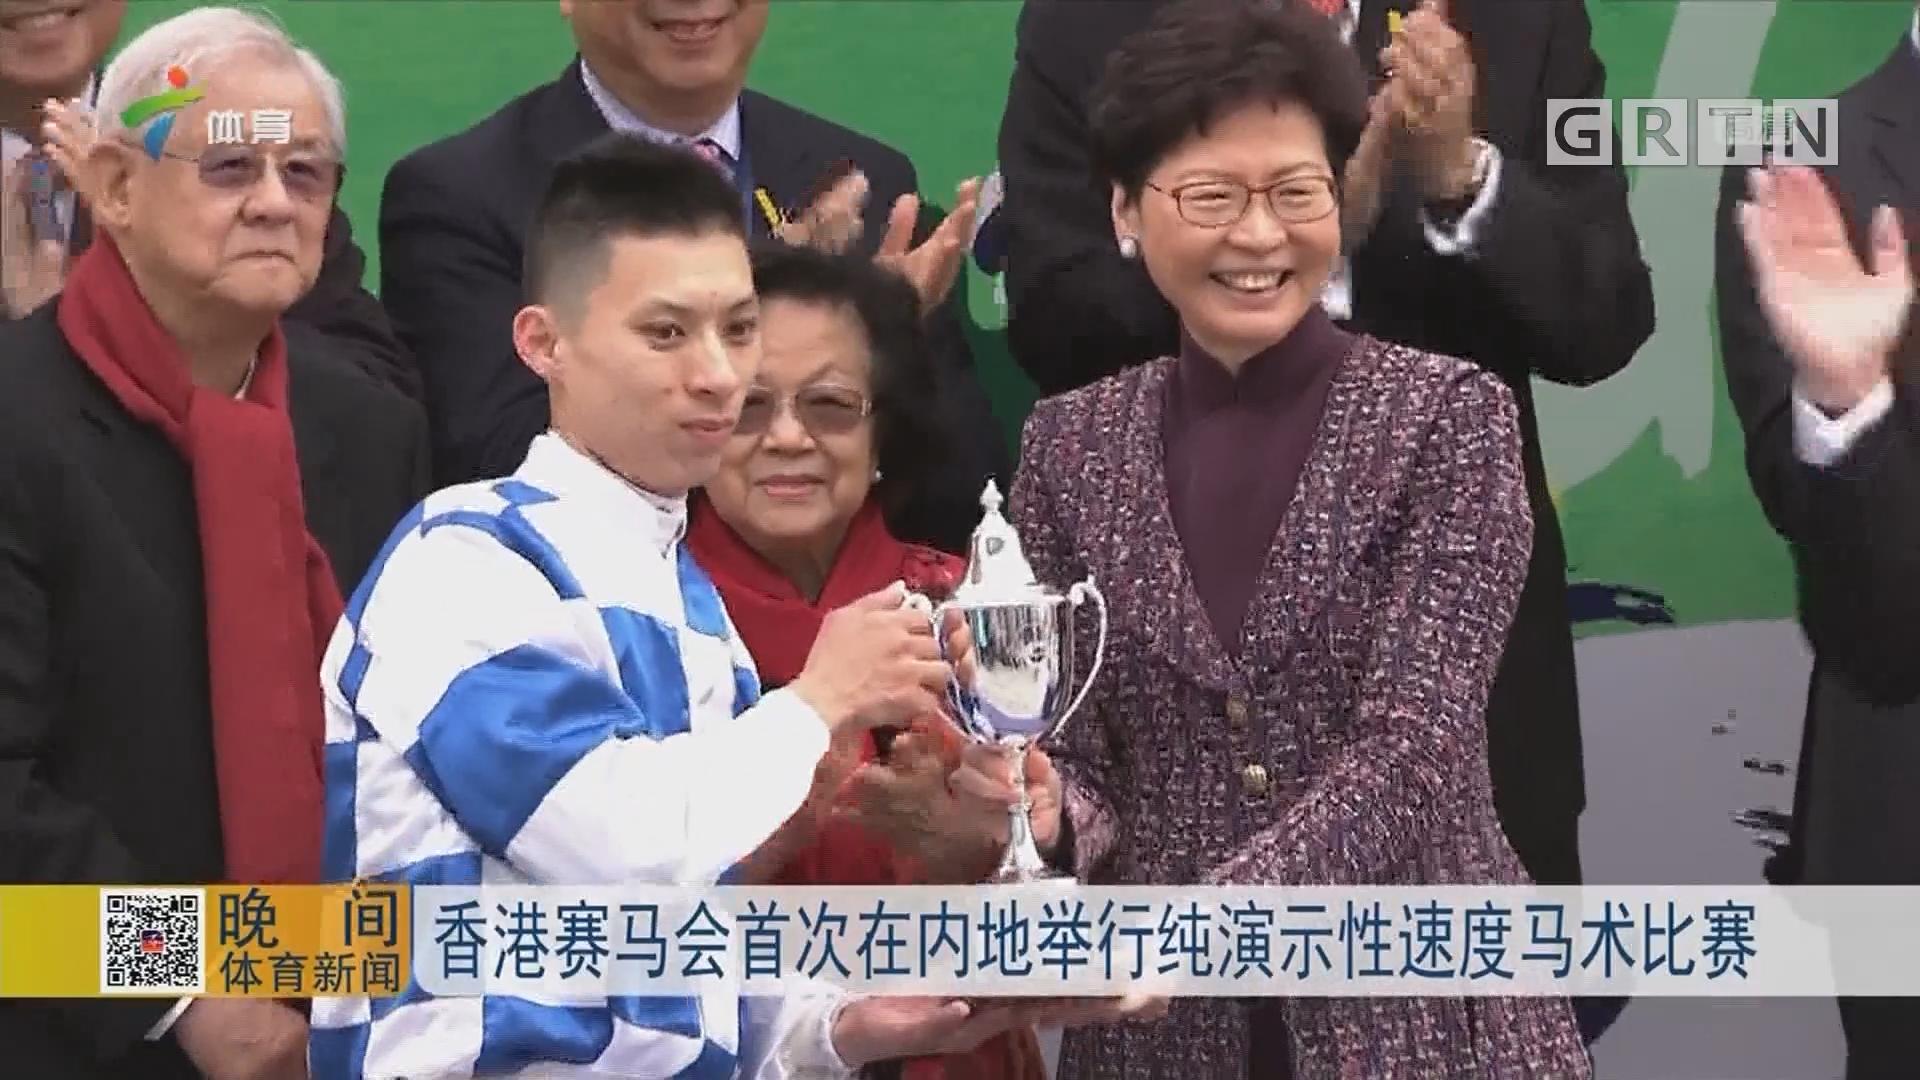 香港赛马会首次在内地举行纯演示性速度马术比赛